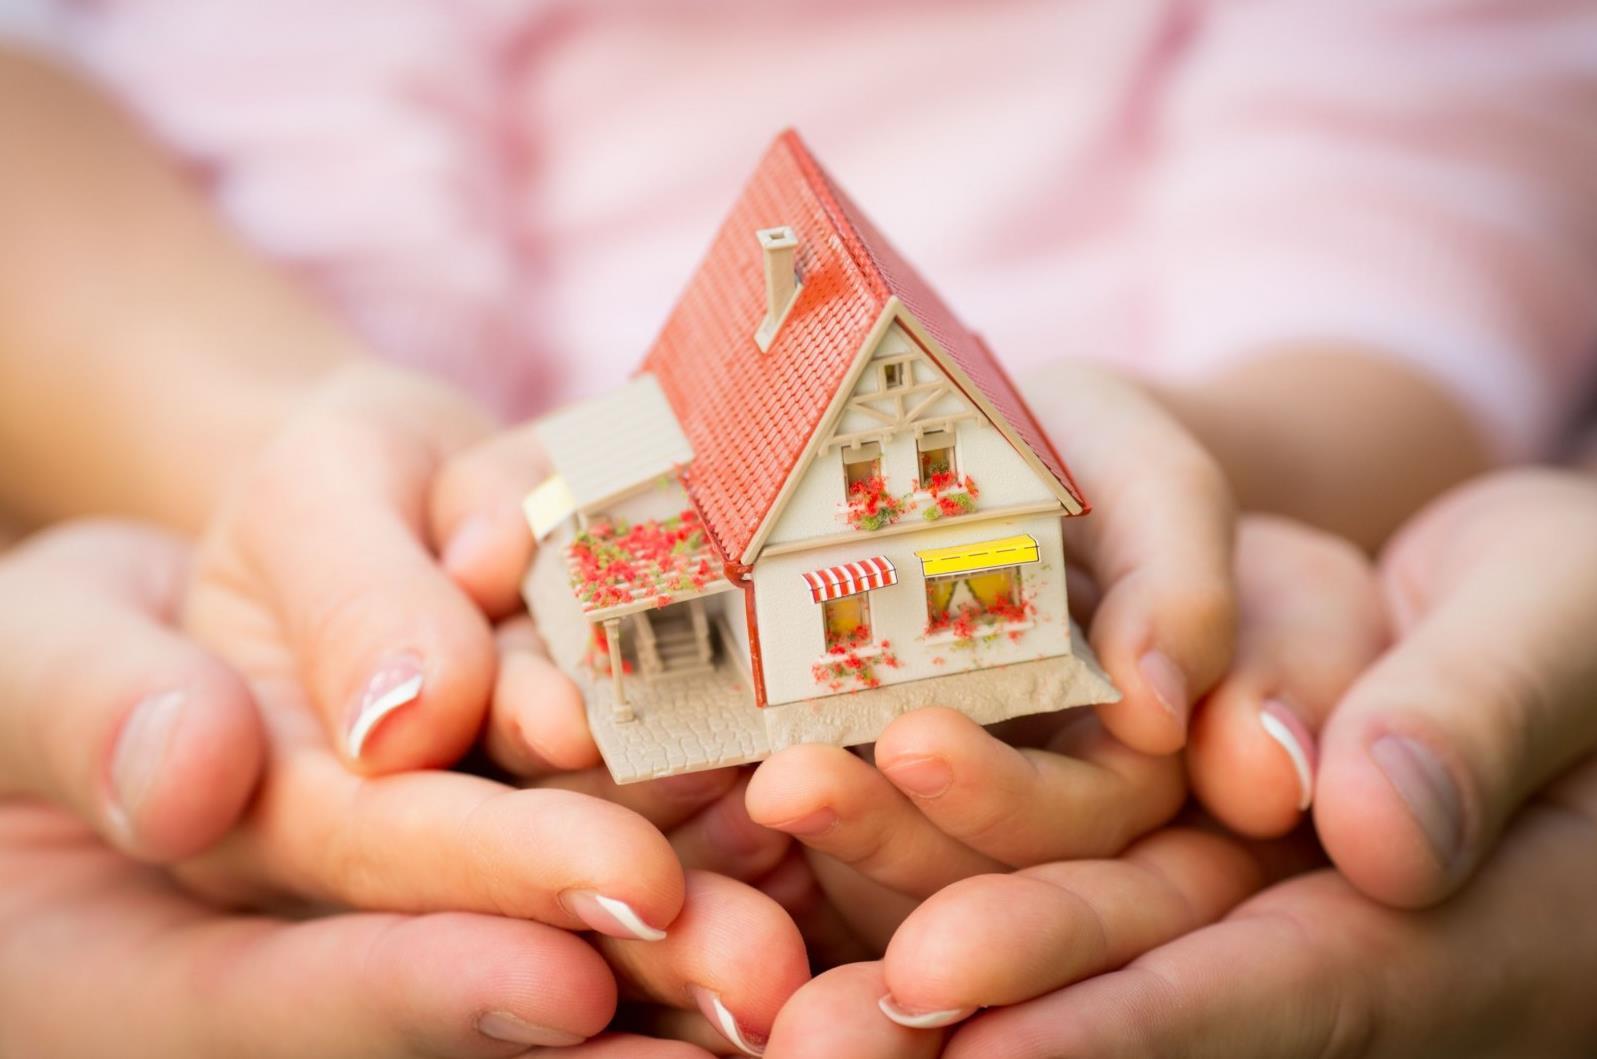 Субсидирование ипотеки в 2019 году – условия предоставления субсидии по ипотеке для разных категорий граждан